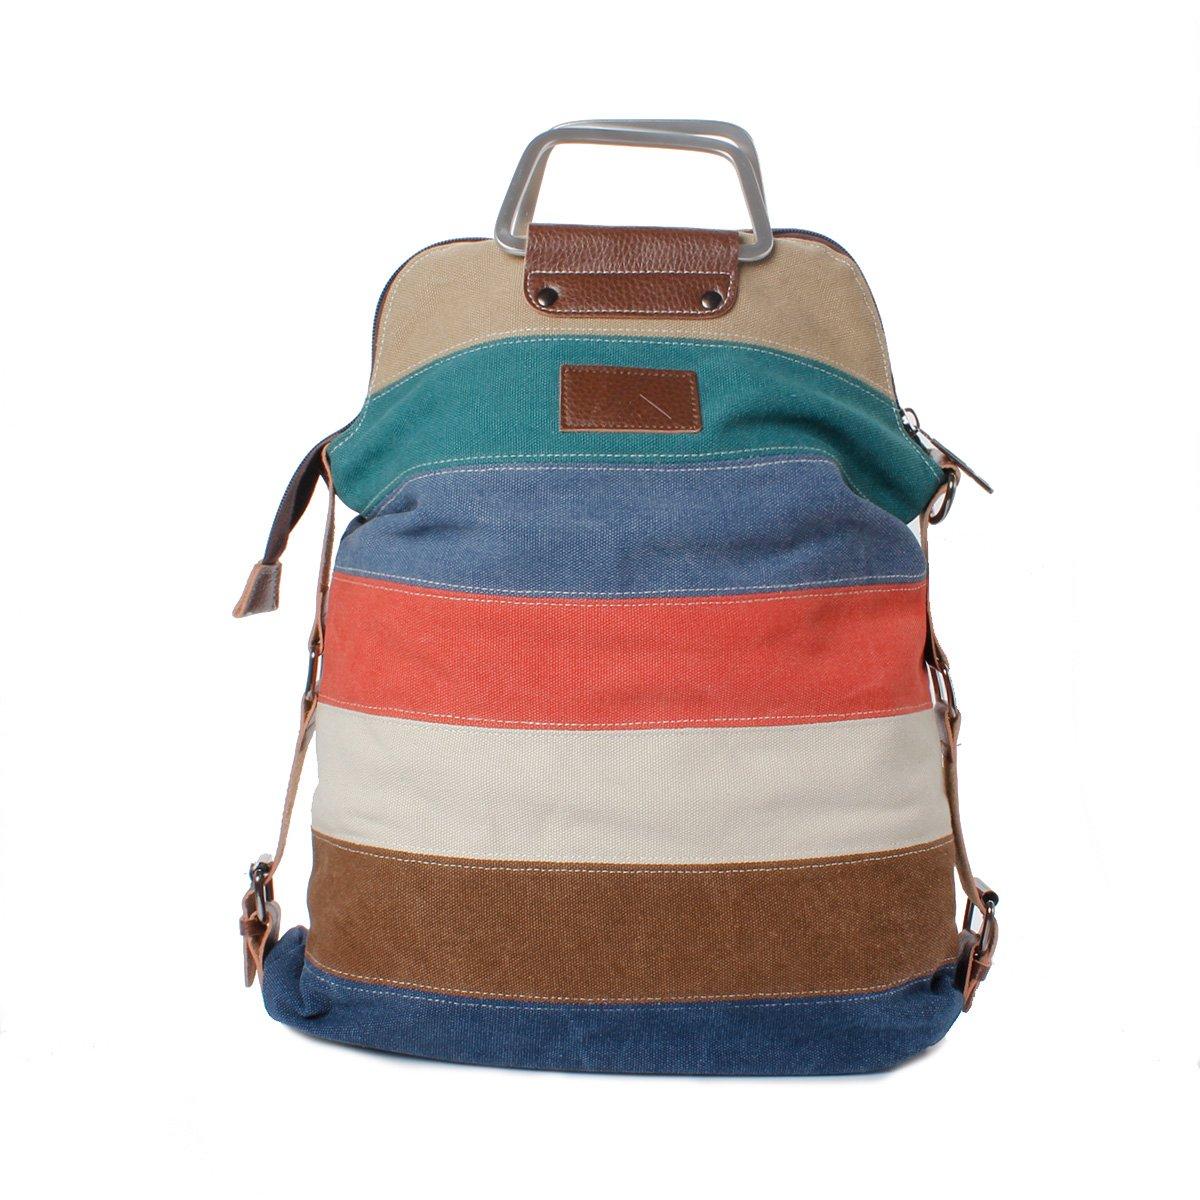 6ef9c021b La Desire Mujeres Vintage Mochila Escolar Daypacks damas mochila casual bolso  bolsos mochila Para el trabajo